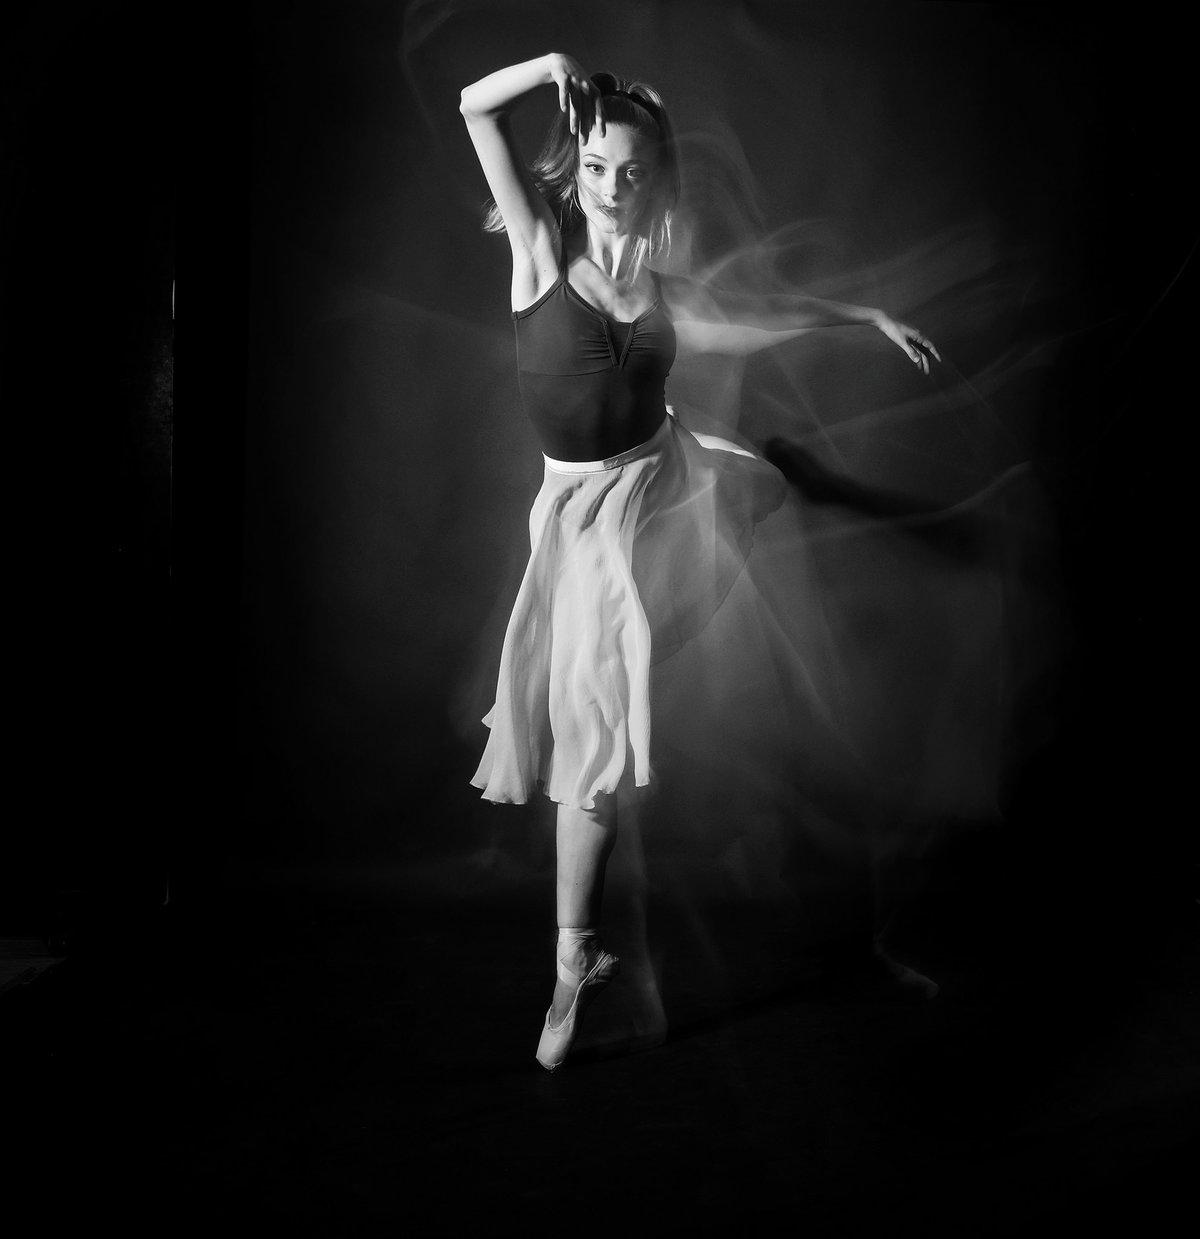 Девушка танцует картинка черно белая